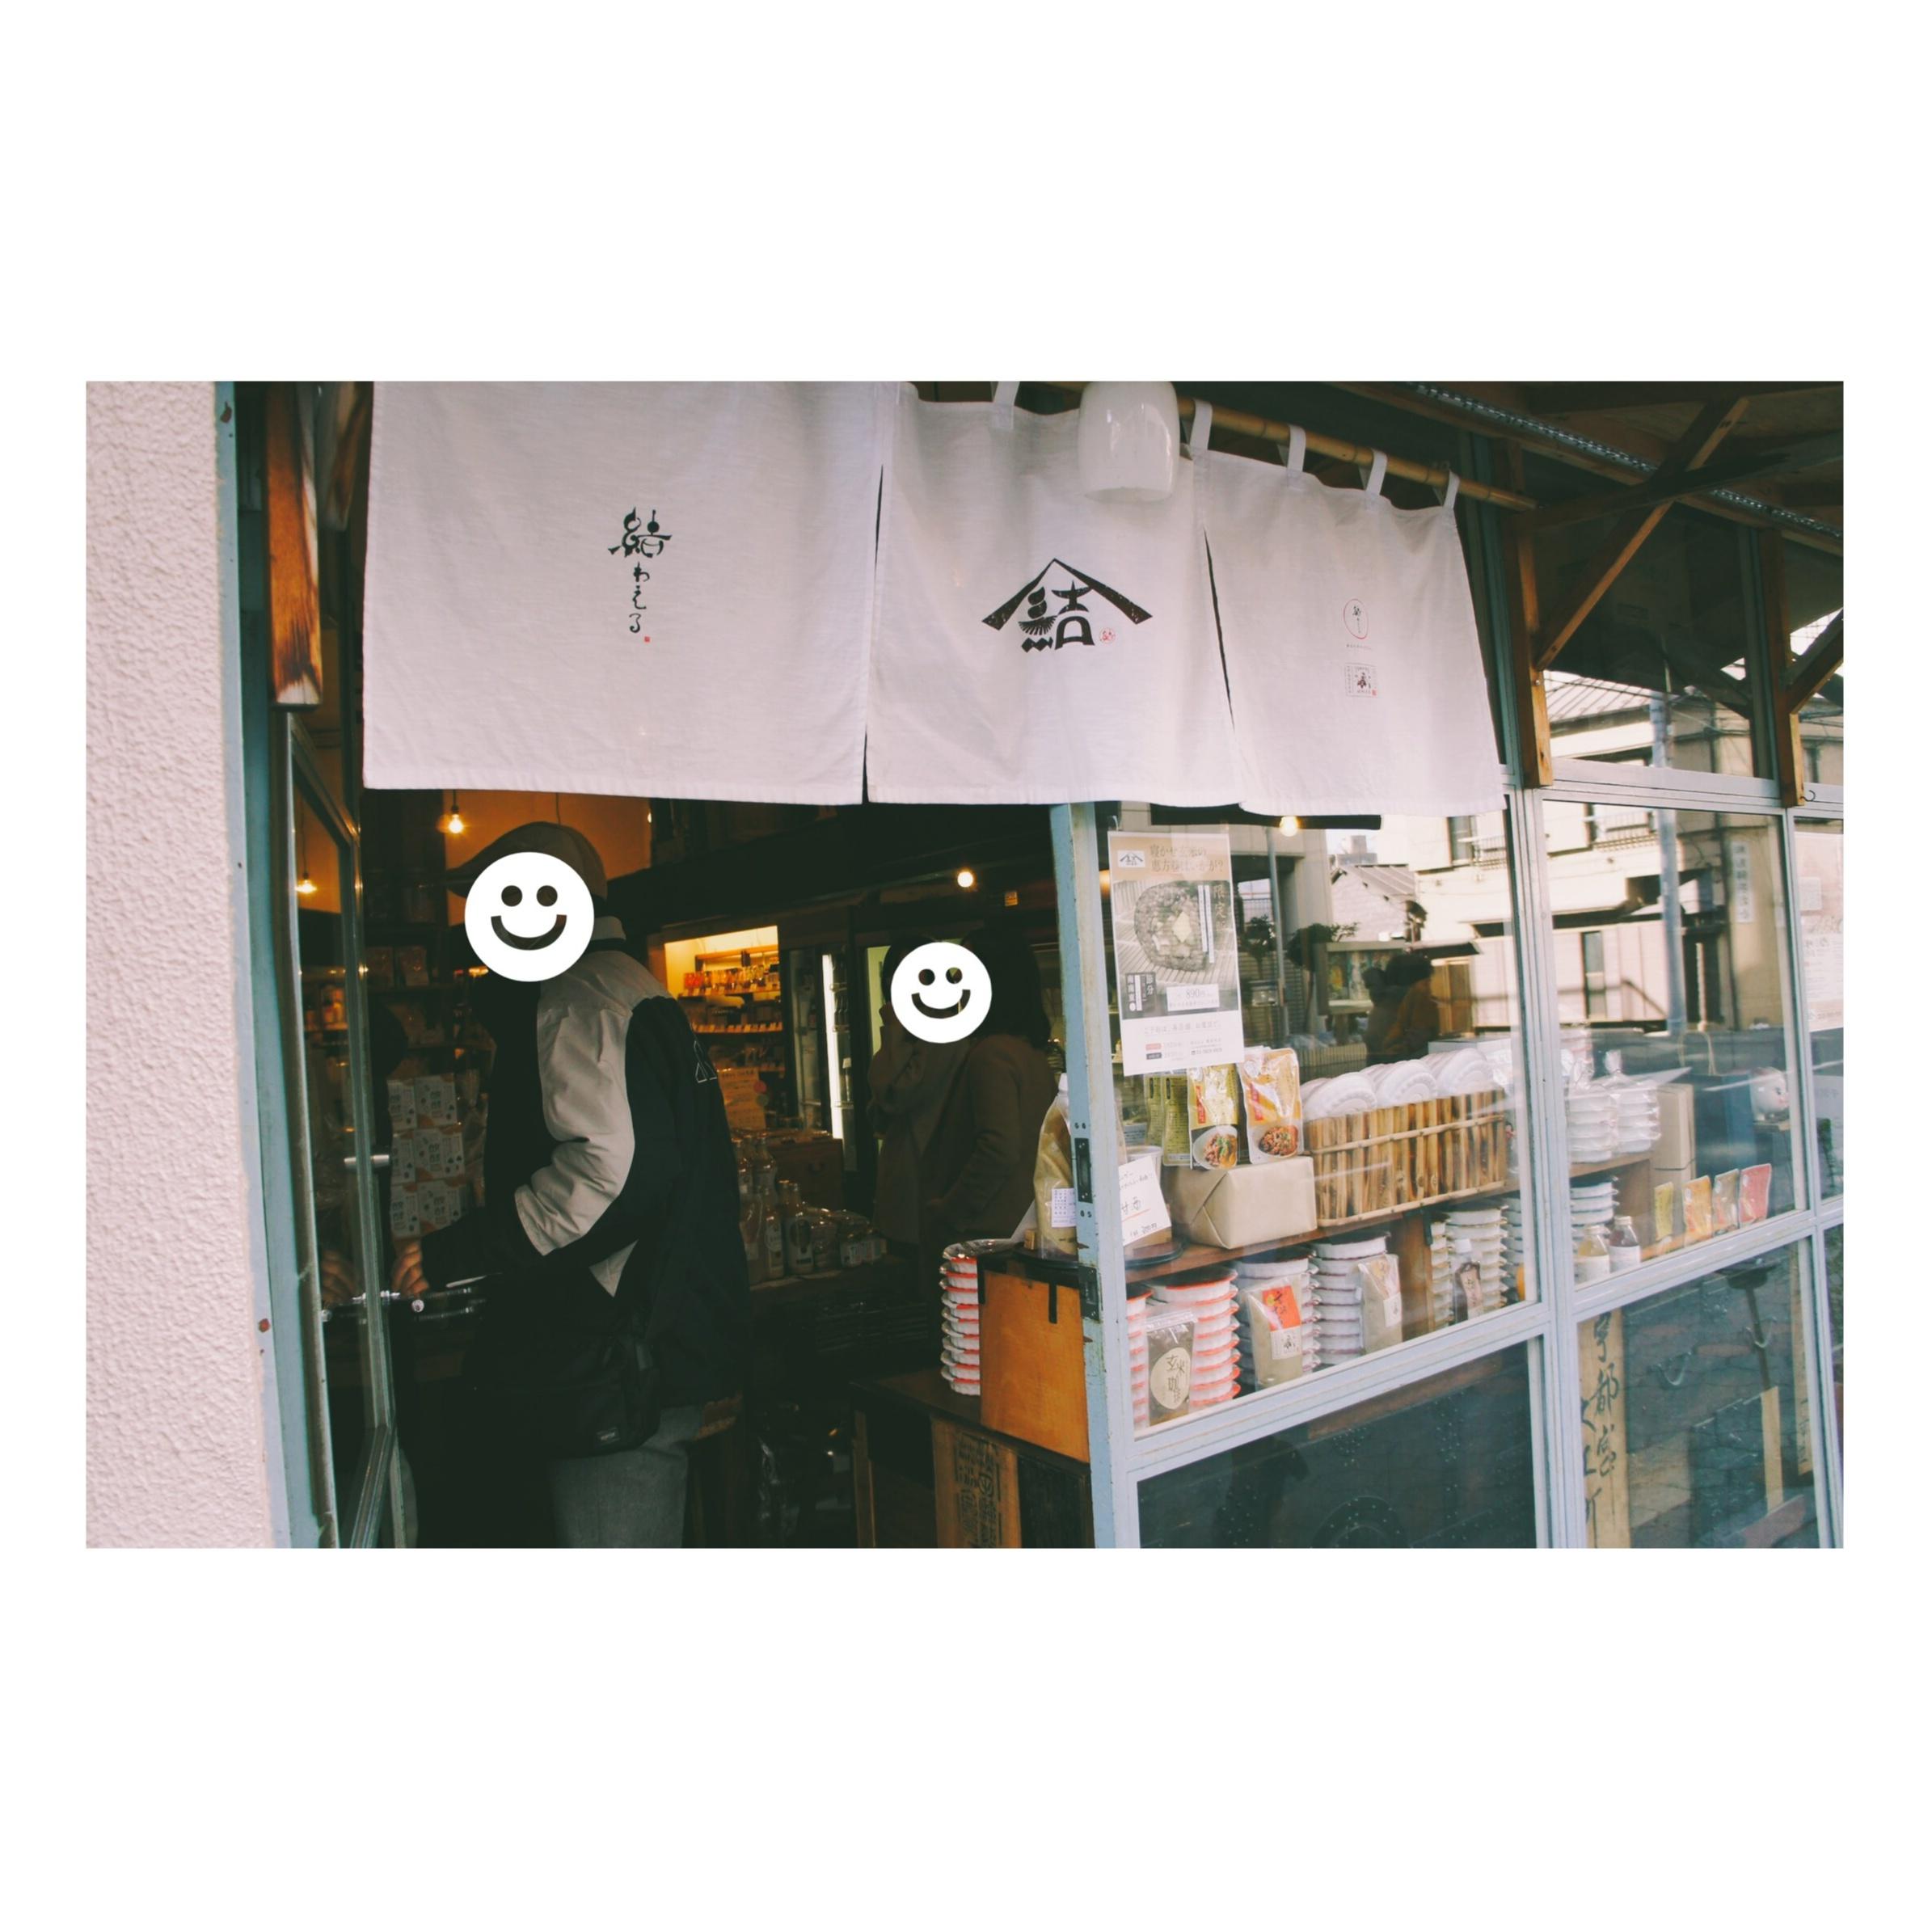 《ご当地MORE★東京》おかずや汁物の組み合わせ自由!【蔵前】の〝結わえる本店〟の寝かせ玄米定食ランチでパワーチャージ❤️_3